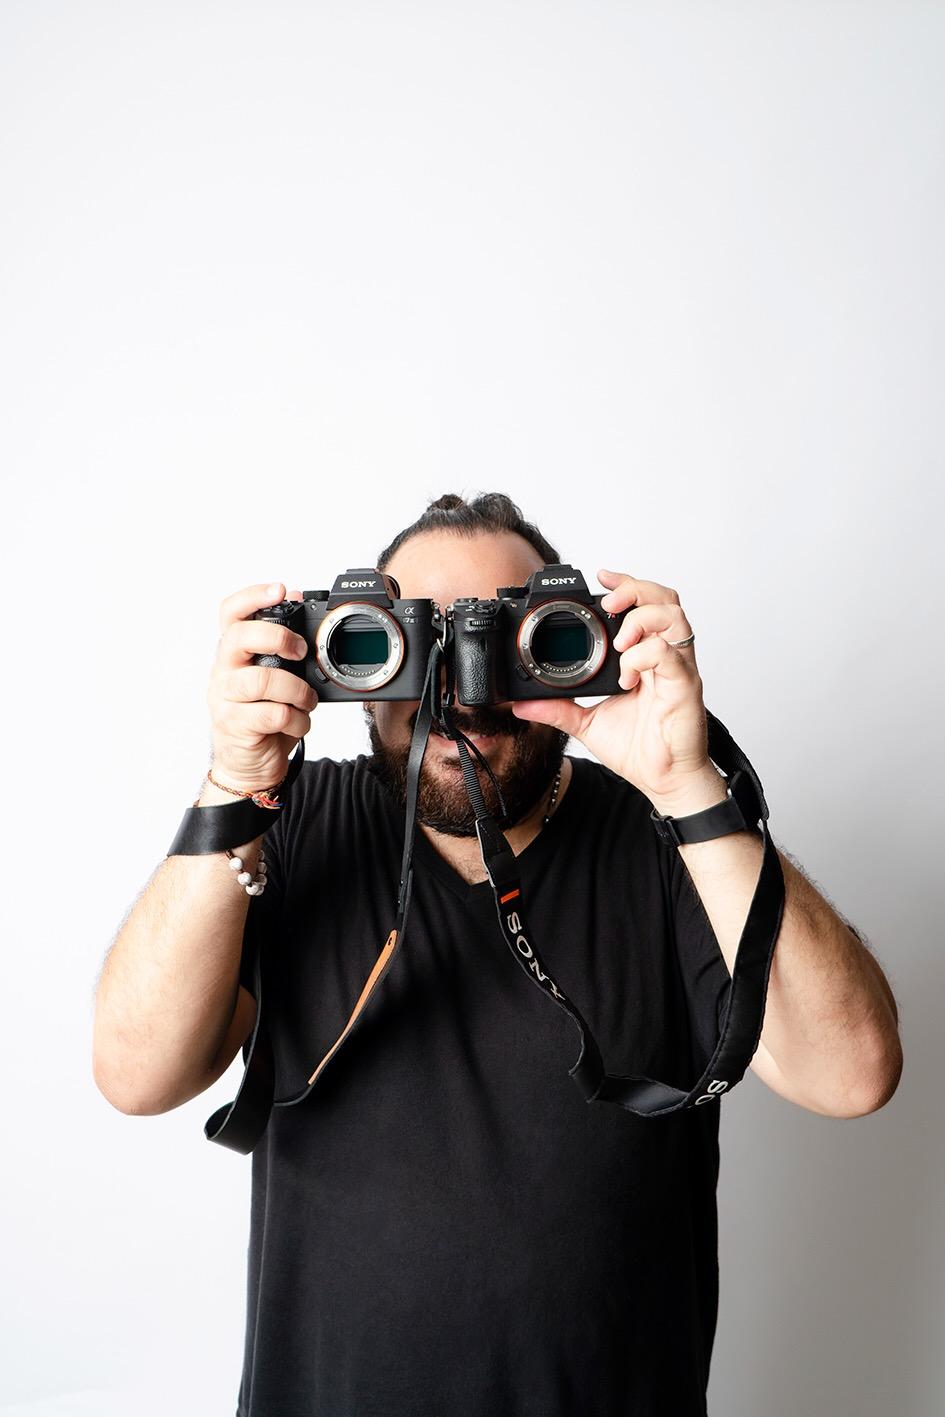 α6600, la cámara perfecta para 'street photography' por Pich Urdaneta